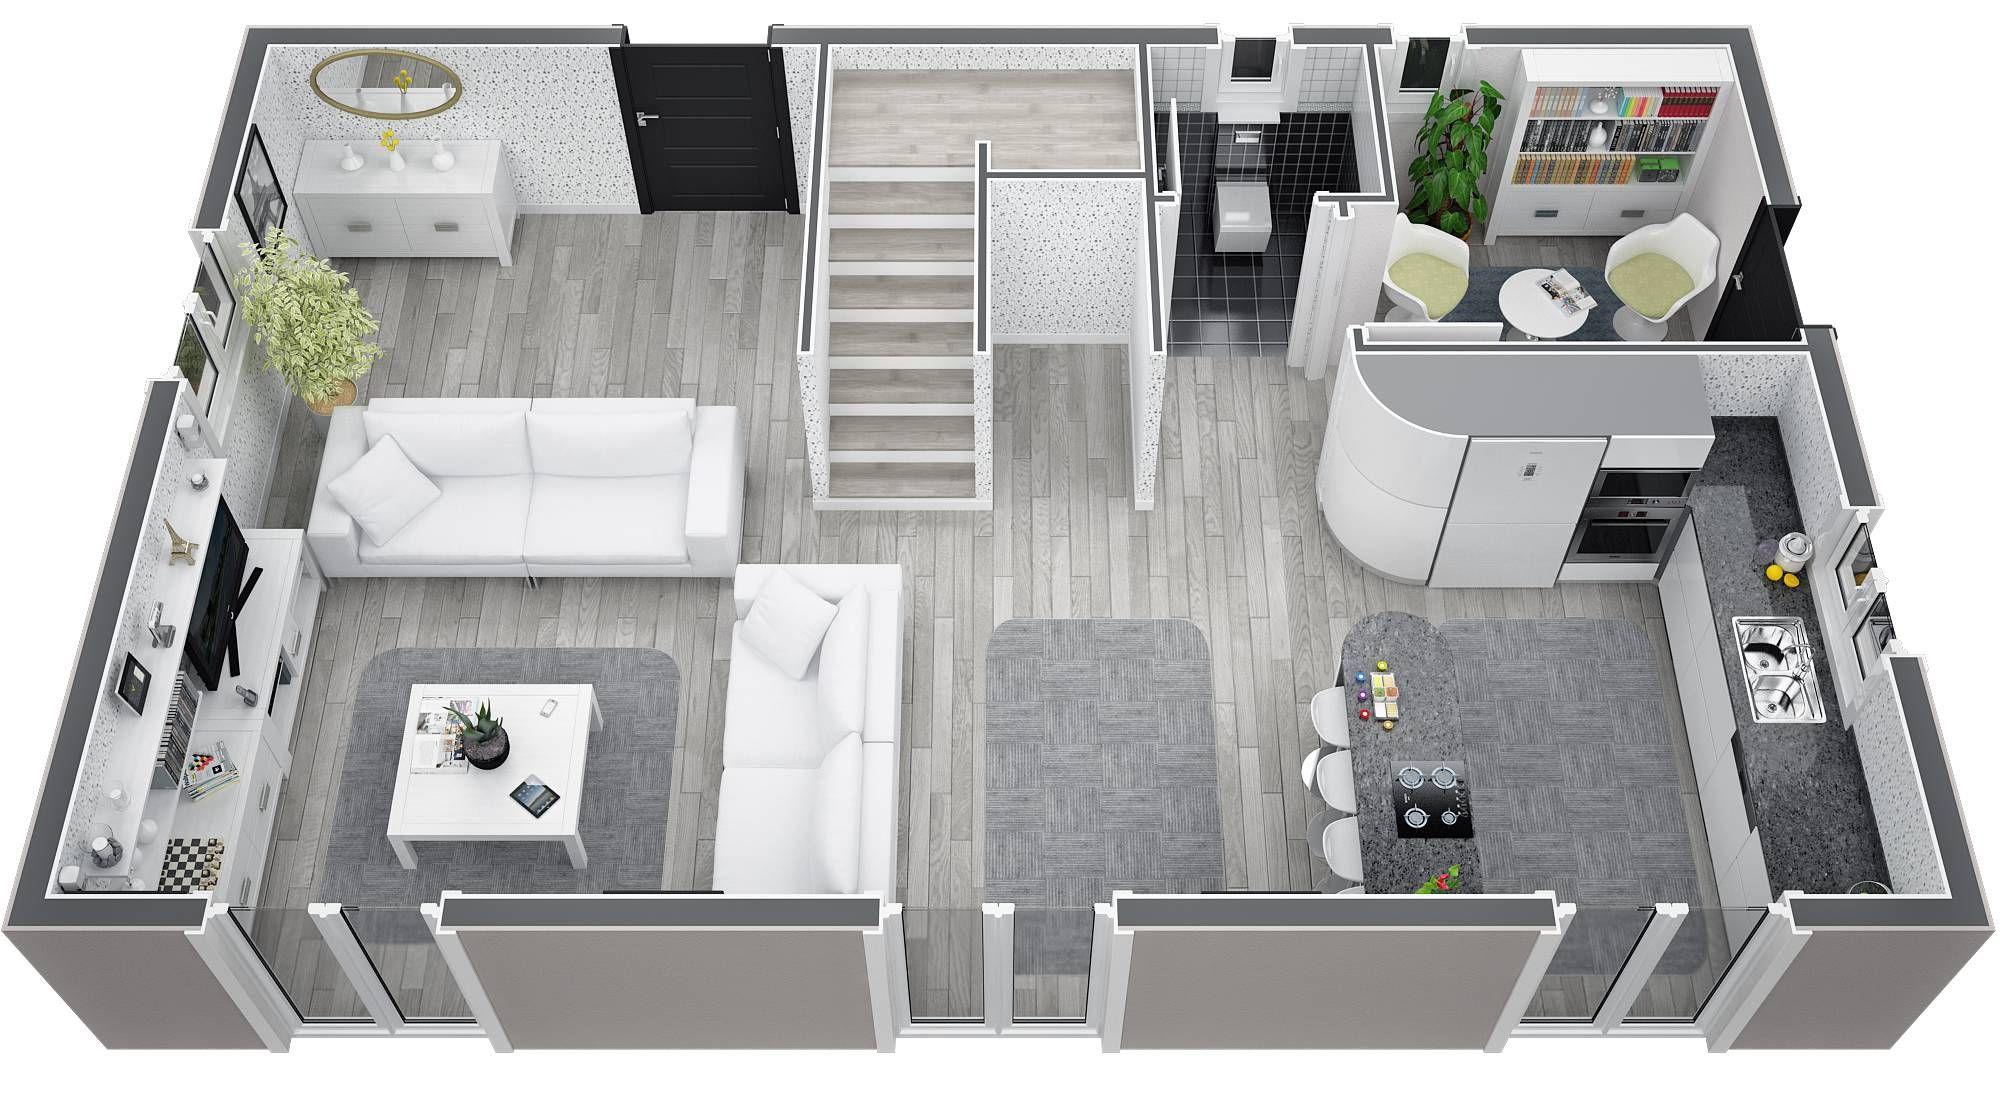 Meilleur De Plan Maison 100m2 A Etage Gratuit And Photos In 2021 House Design Duplex House Plans Architect Design